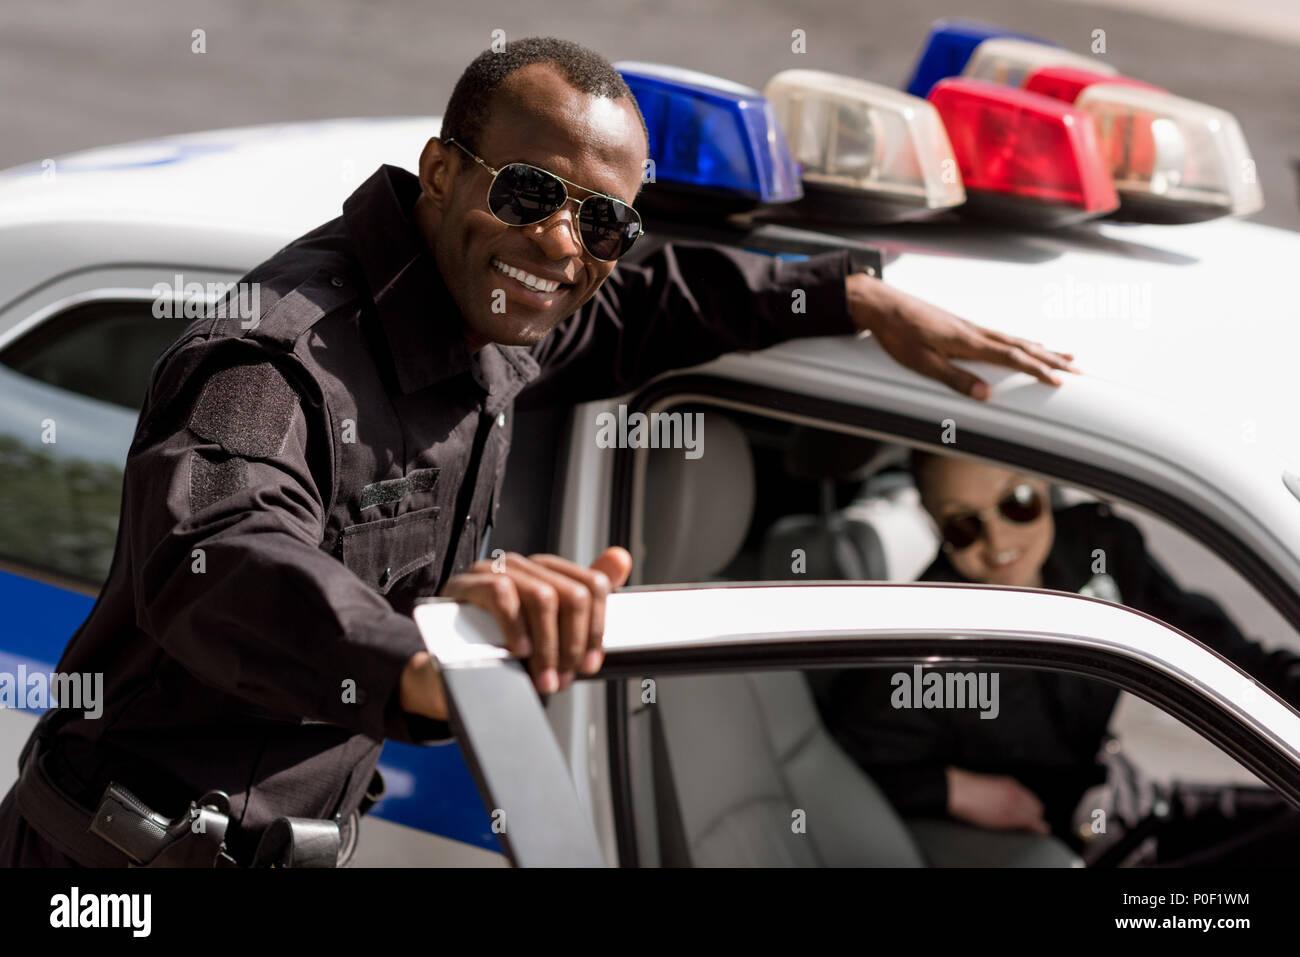 Felice giovani funzionari di polizia con auto guardando la fotocamera Immagini Stock